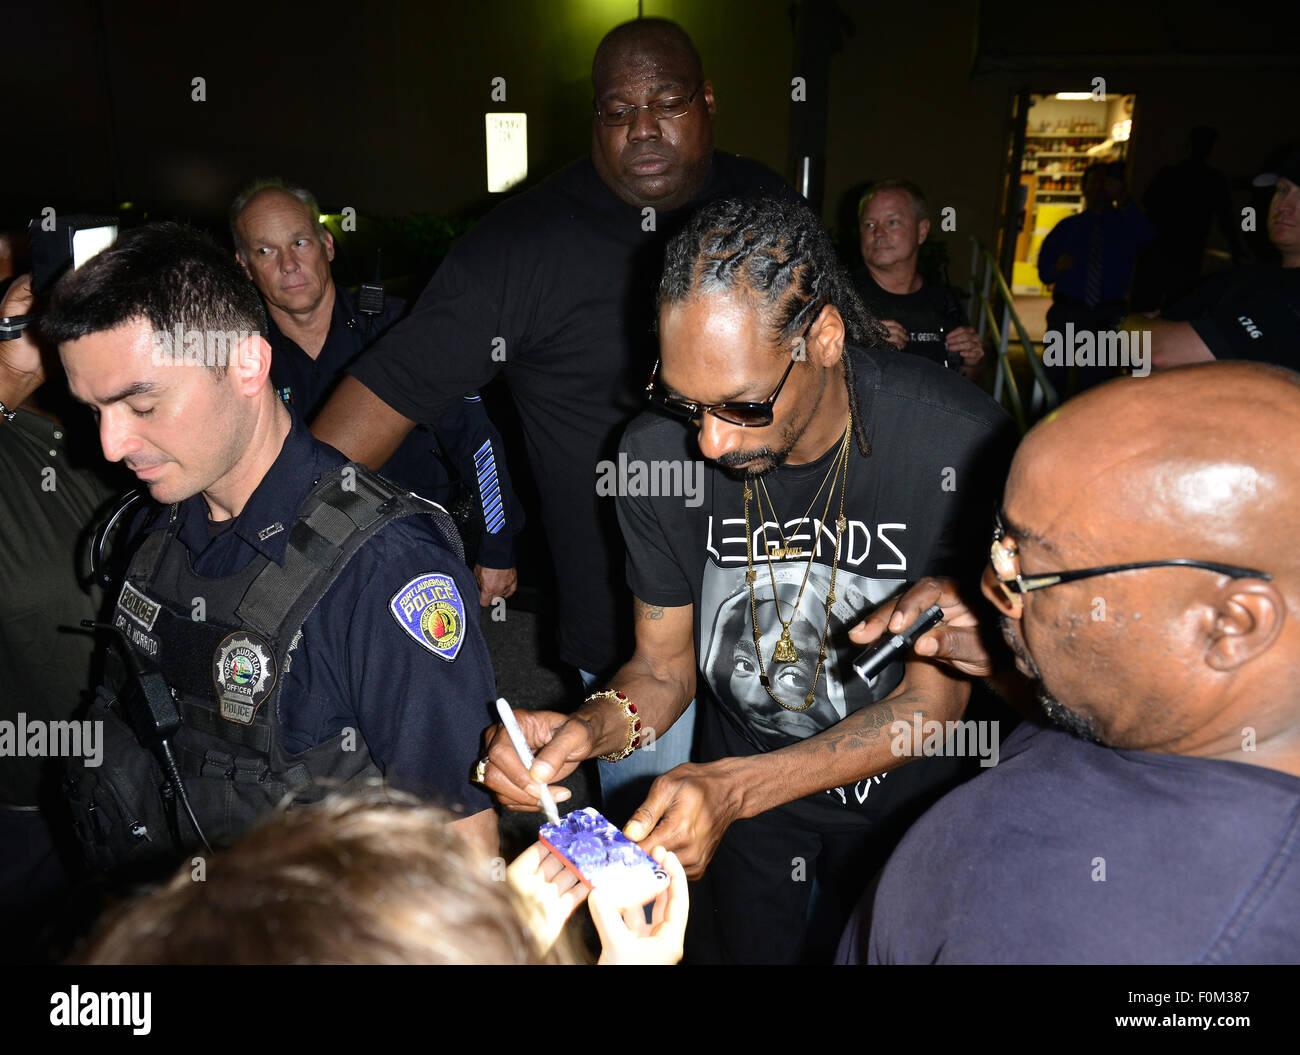 Snoop Dogg At Meet And Greet Stock Photos Snoop Dogg At Meet And